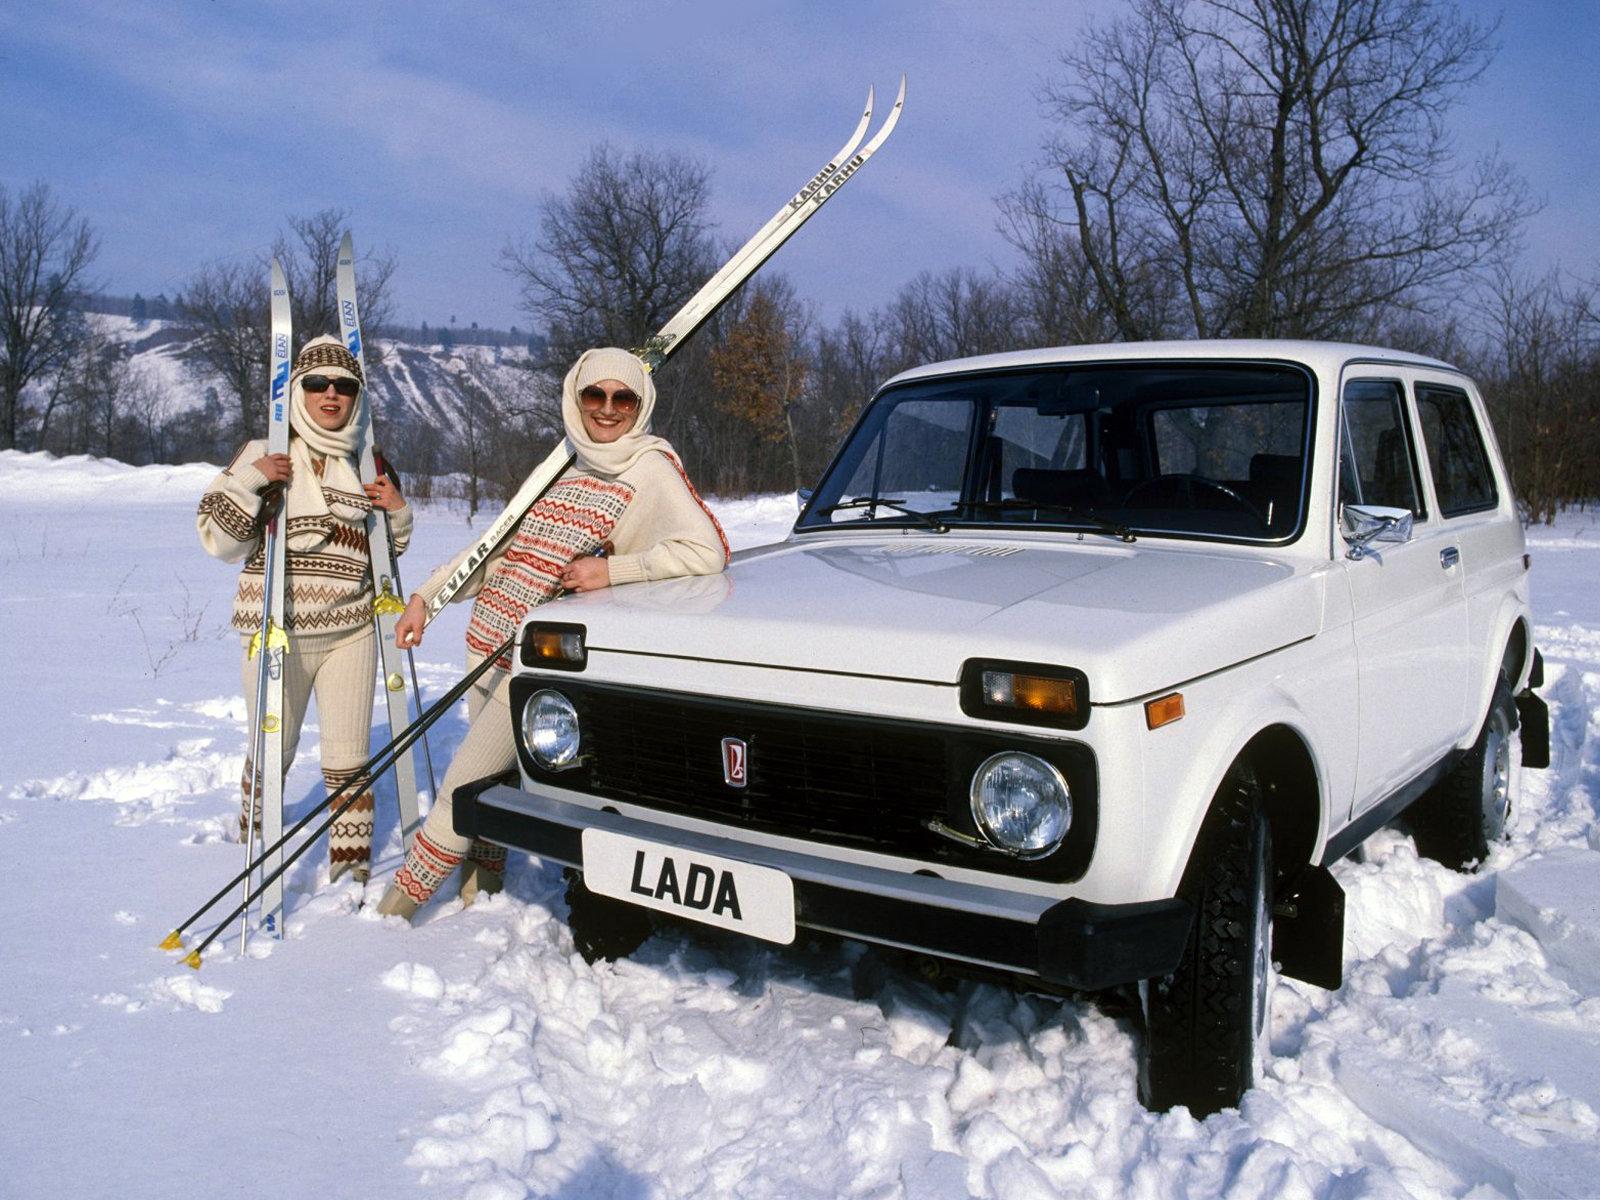 Реклама советских легковых автомобилей (фото) - WebDiscover.ru.